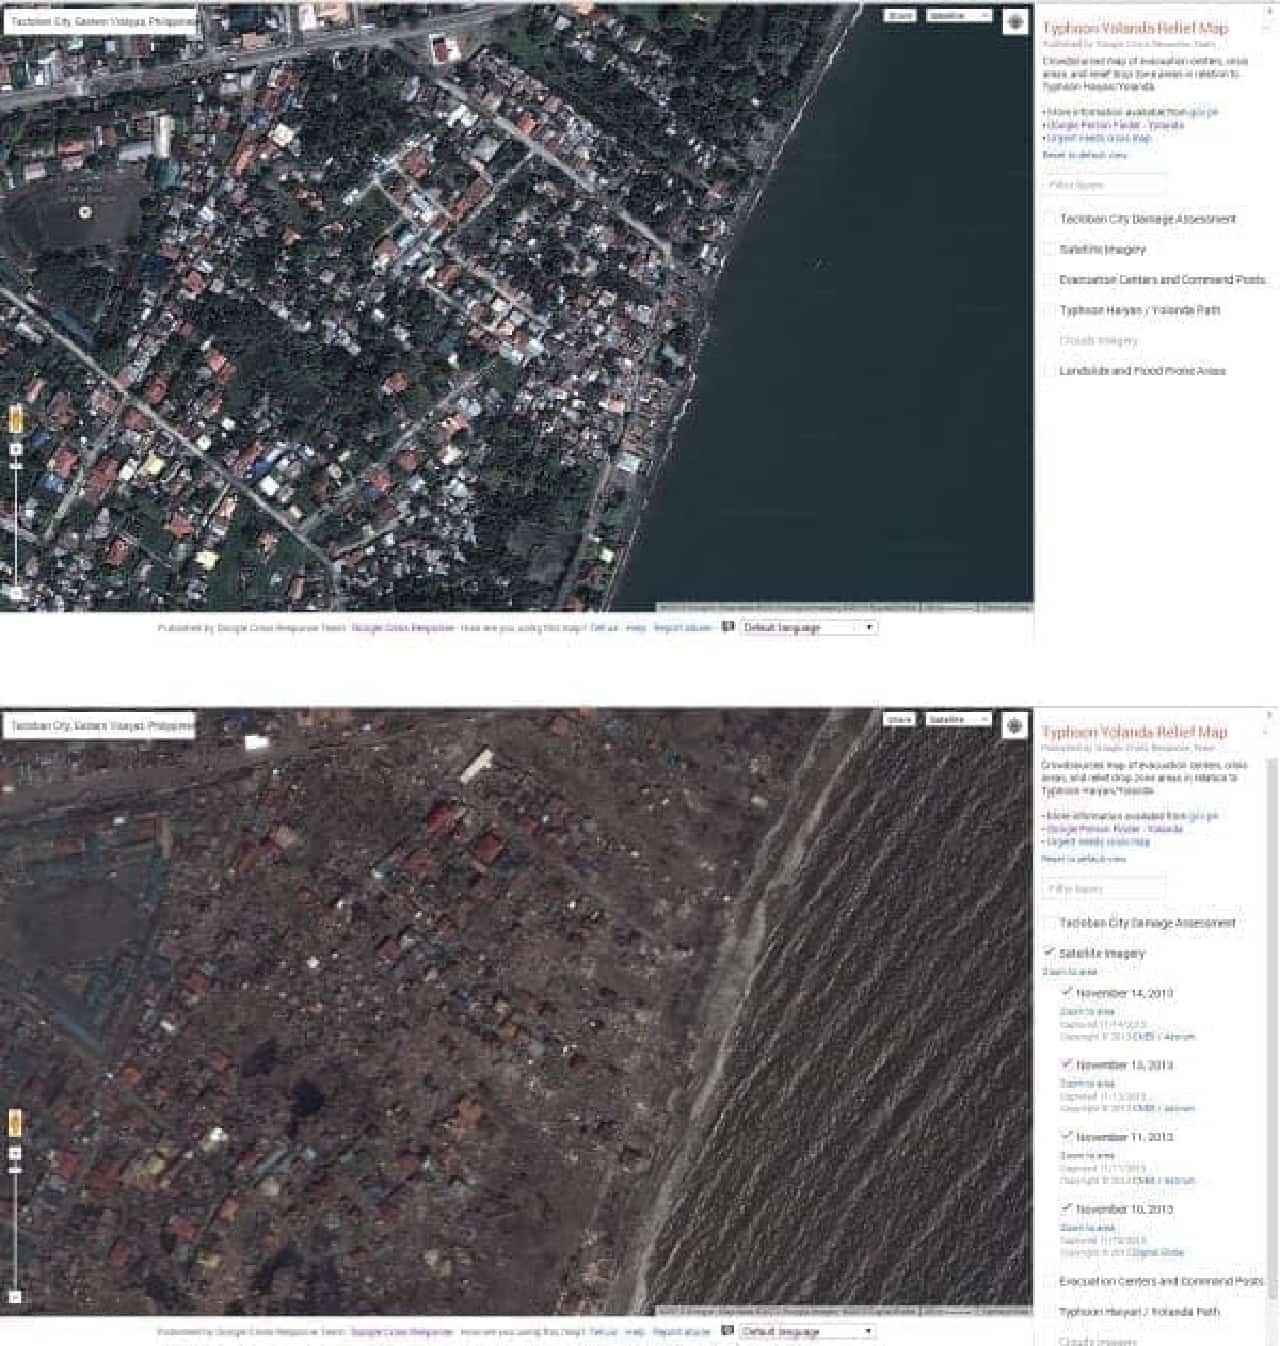 フィリピン・レイテ島タクロバン市周辺の衛星写真  上:被災前(2006年9月撮影)  下:被災後(2013年11月13日撮影)  (出典:Google)